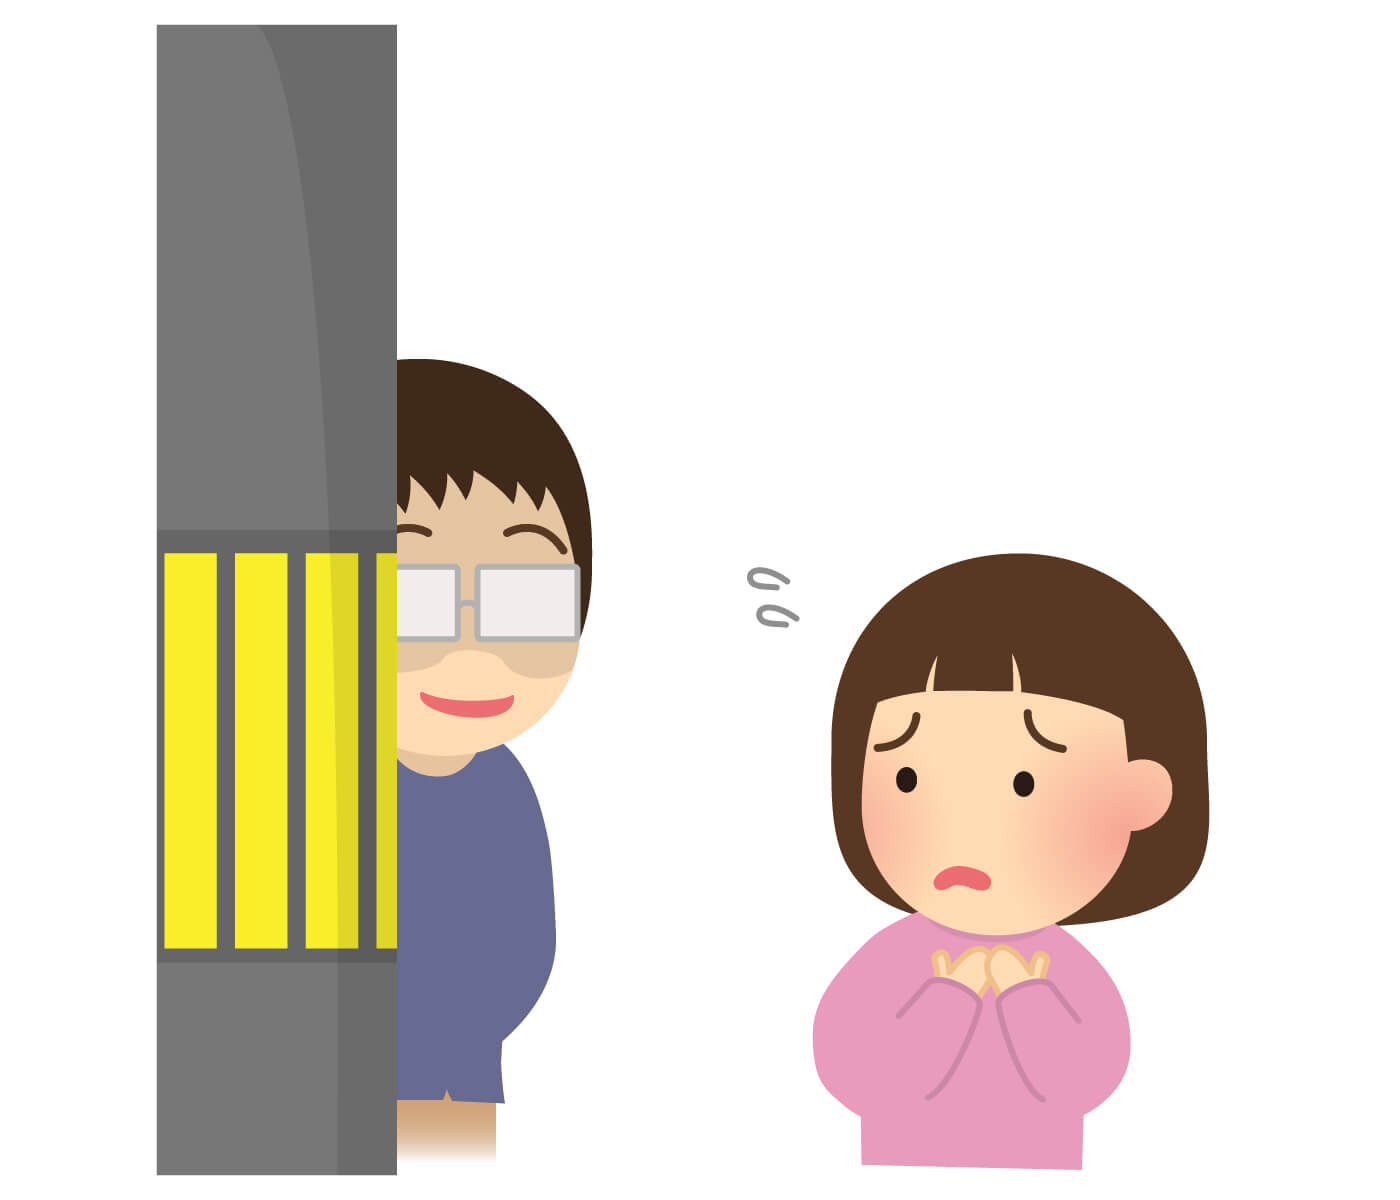 恋愛執着度診断〜あなたは異性にどれだけ執着する?心理テストでわかる自分の粘着質レベル